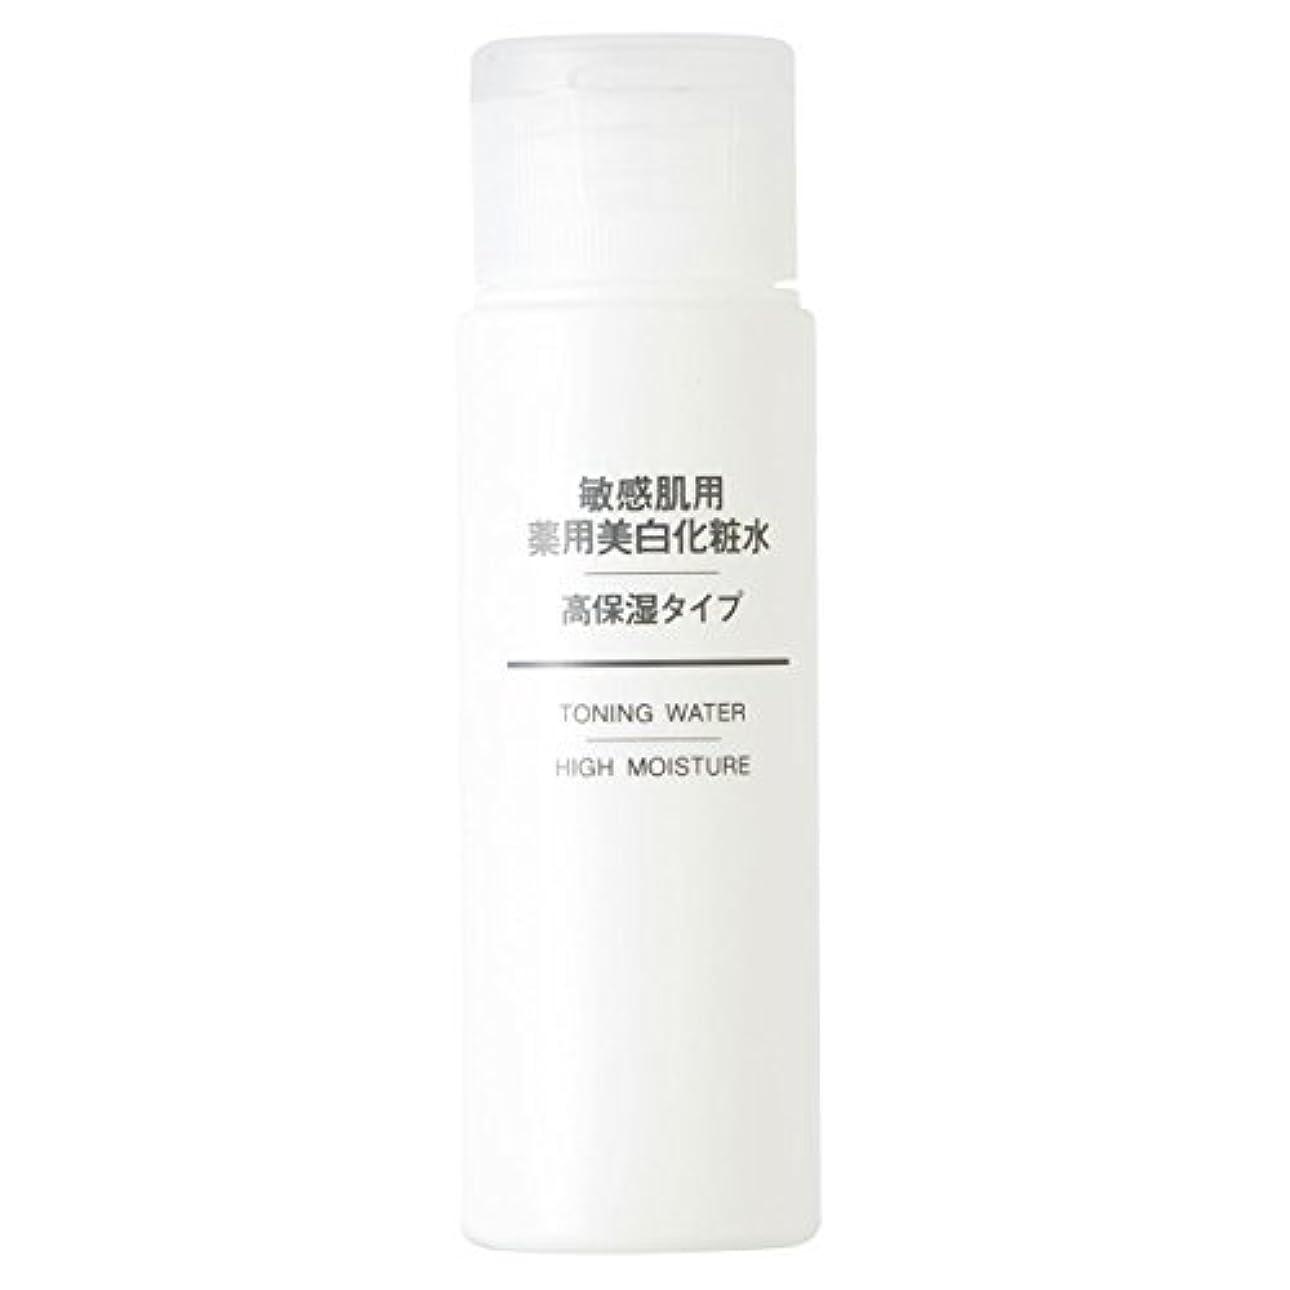 破壊するに同意するバッフル無印良品 敏感肌用 薬用美白化粧水 高保湿タイプ(携帯用) (新)50ml